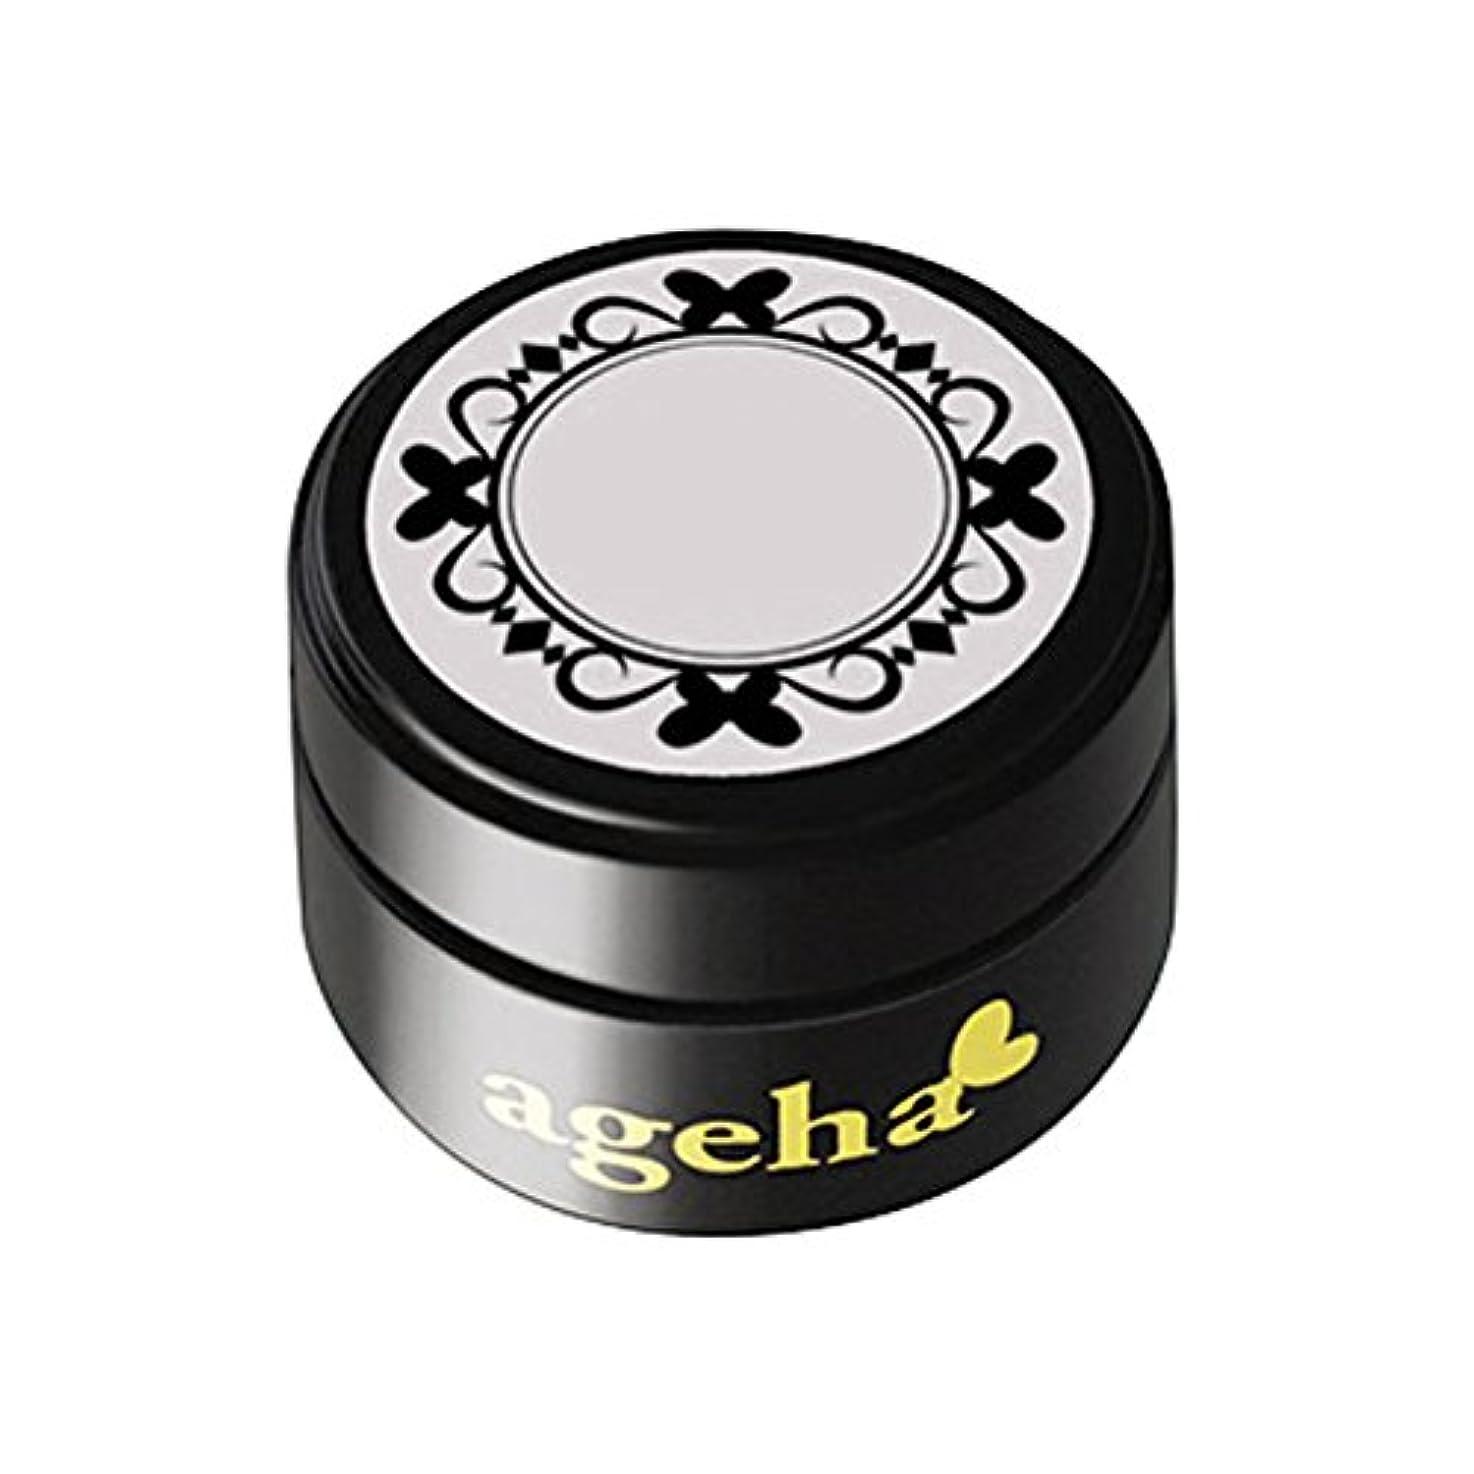 トリクル行商人傾いたageha gel カラージェル コスメカラー 107 グレージュヌード 2.7g UV/LED対応